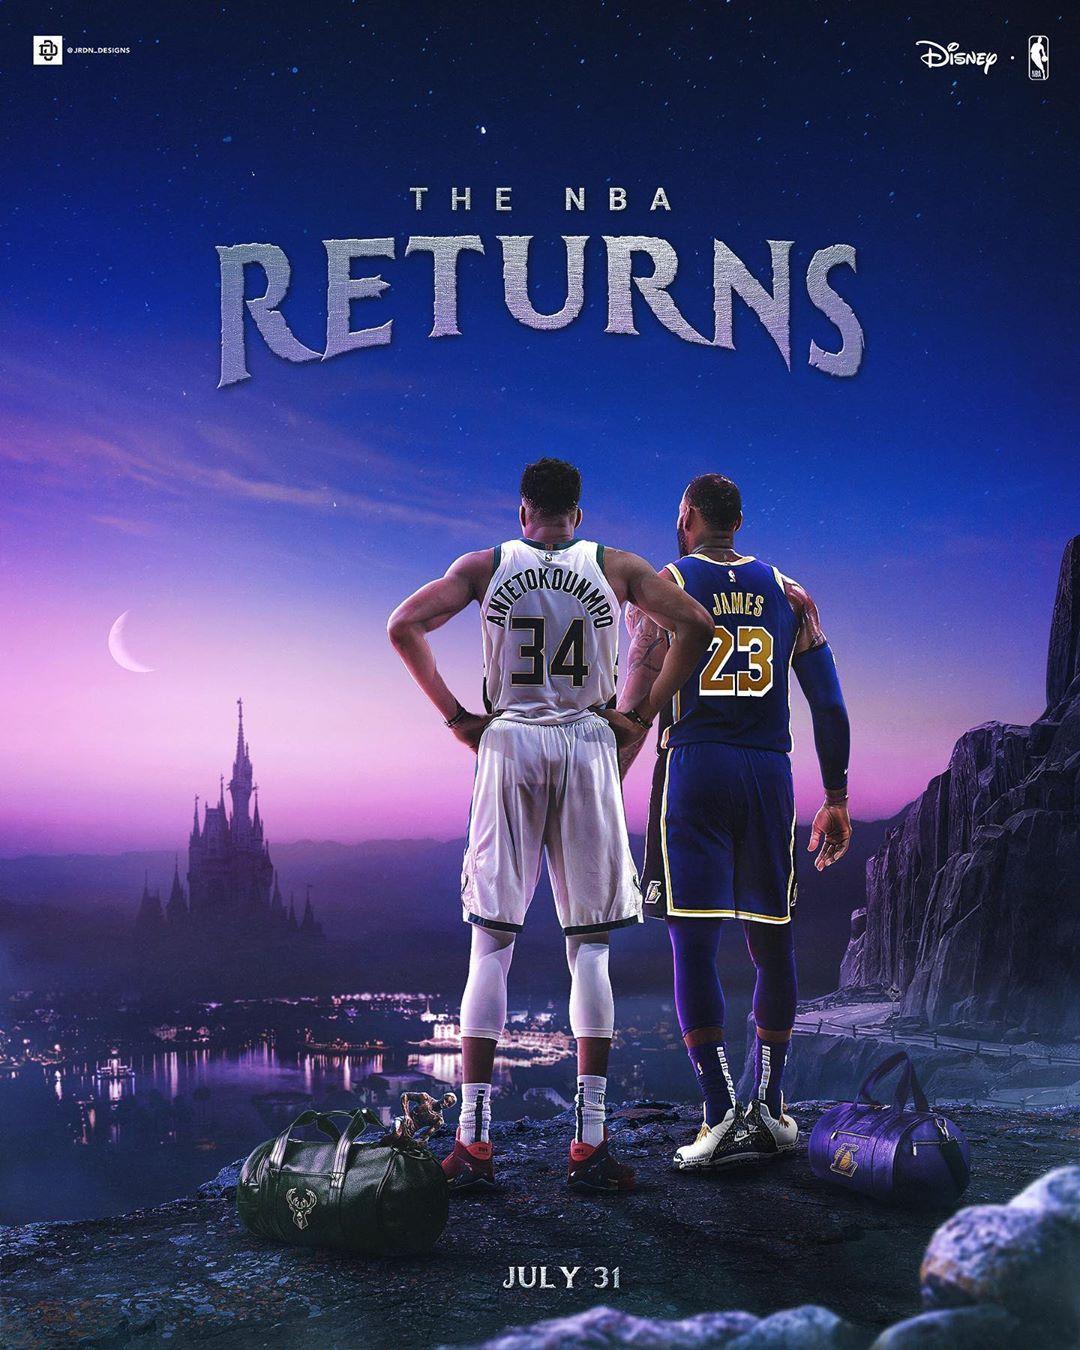 盛宴归来!媒体制作NBA与迪士尼元素融合的宣传海报